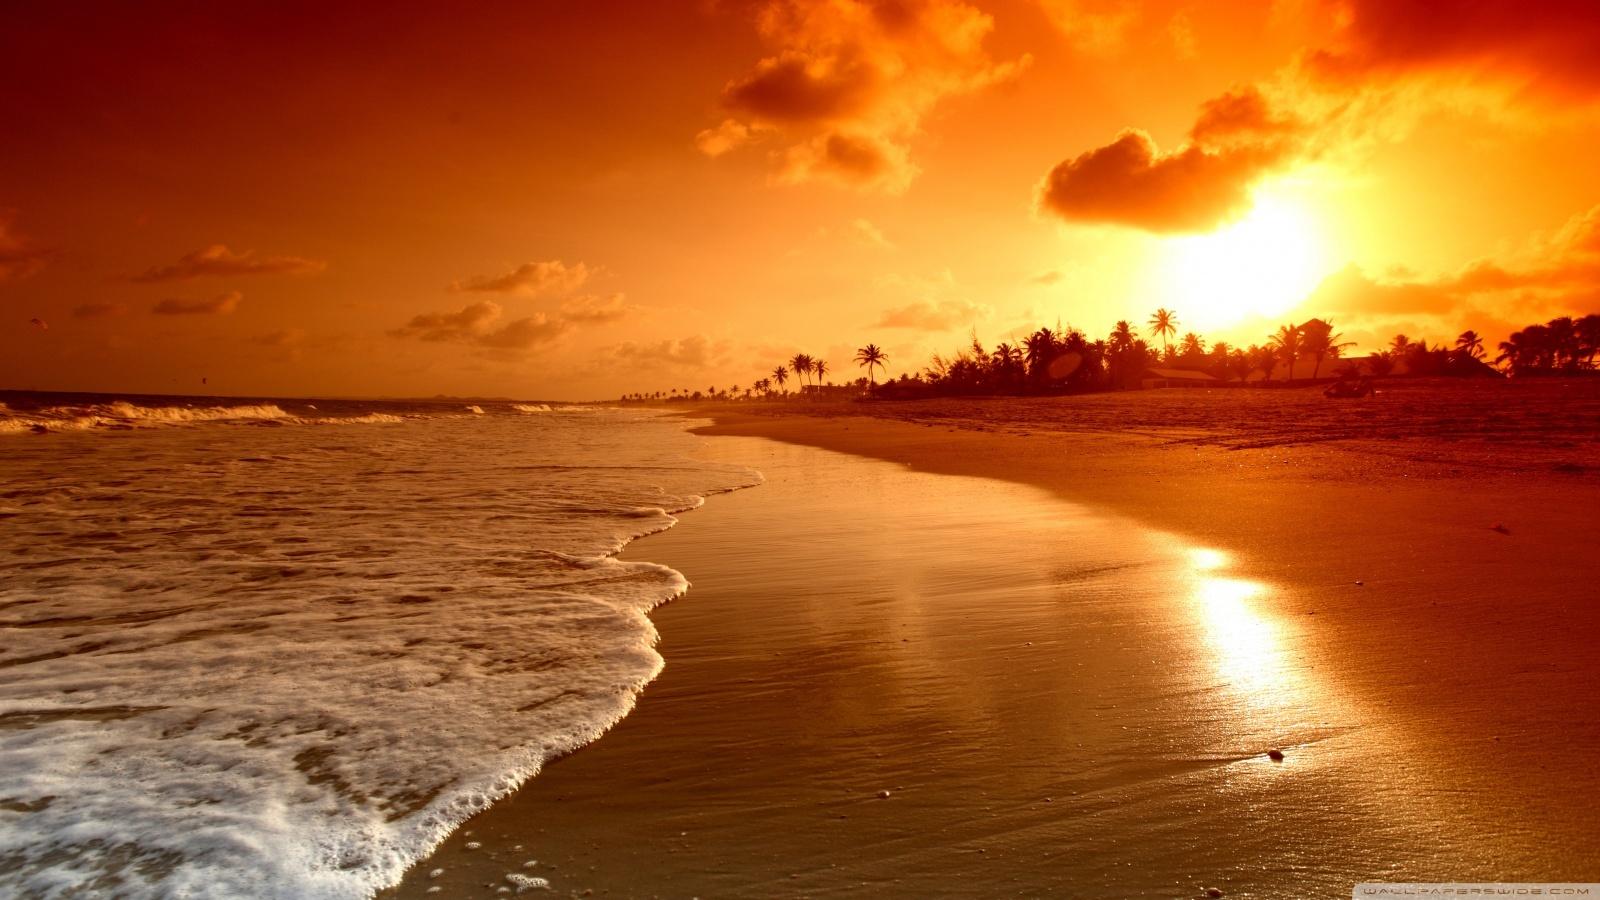 16549 скачать обои Пейзаж, Закат, Море, Пляж - заставки и картинки бесплатно